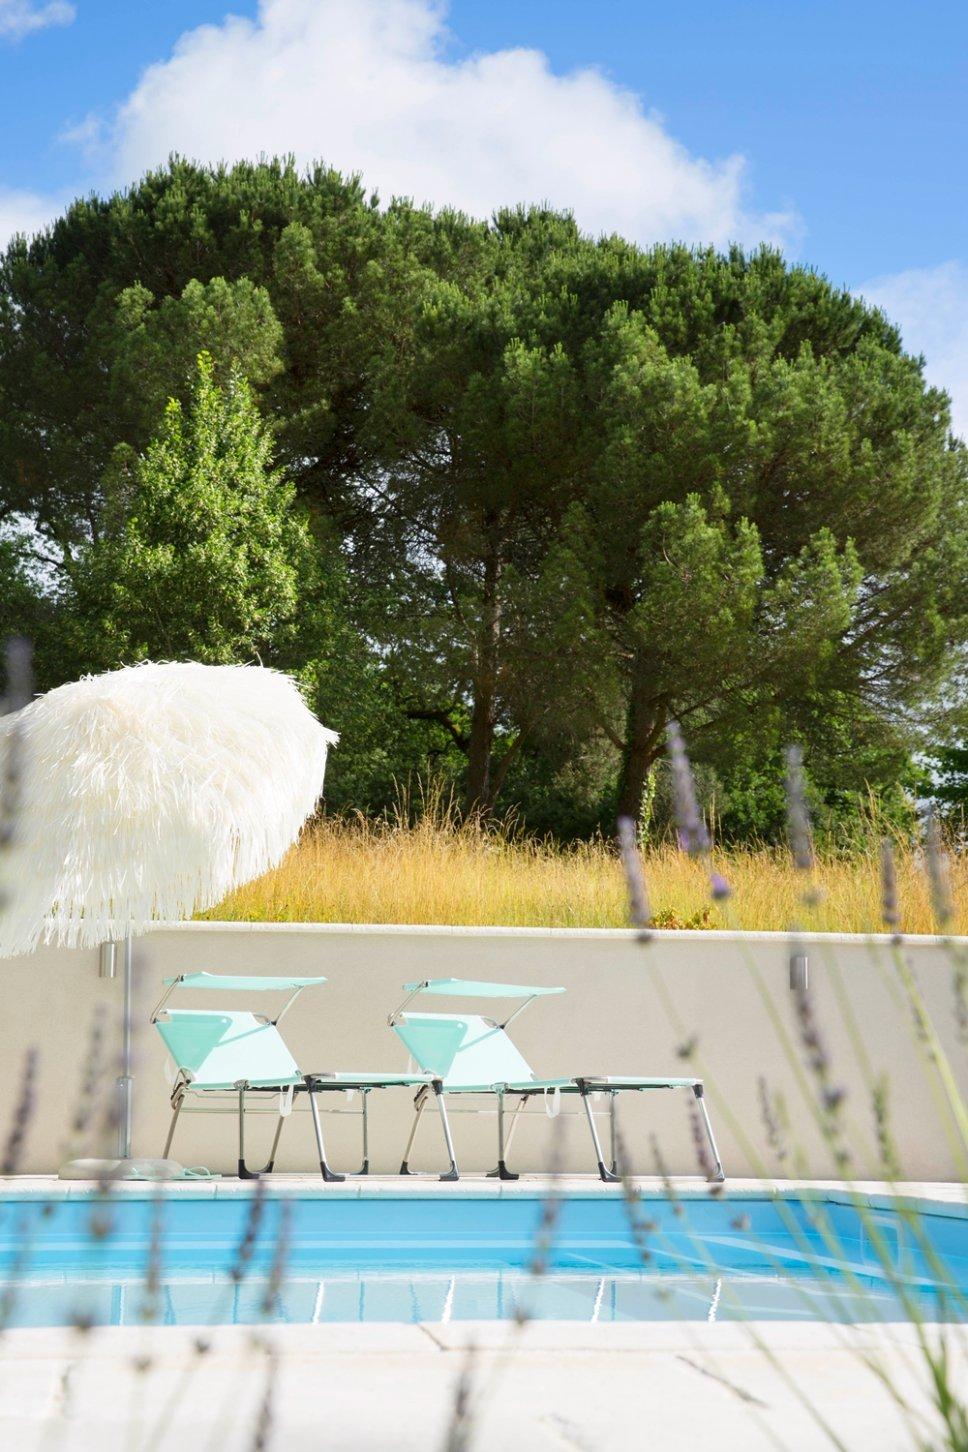 Liegestühle und Schirm vor Swimming Pool